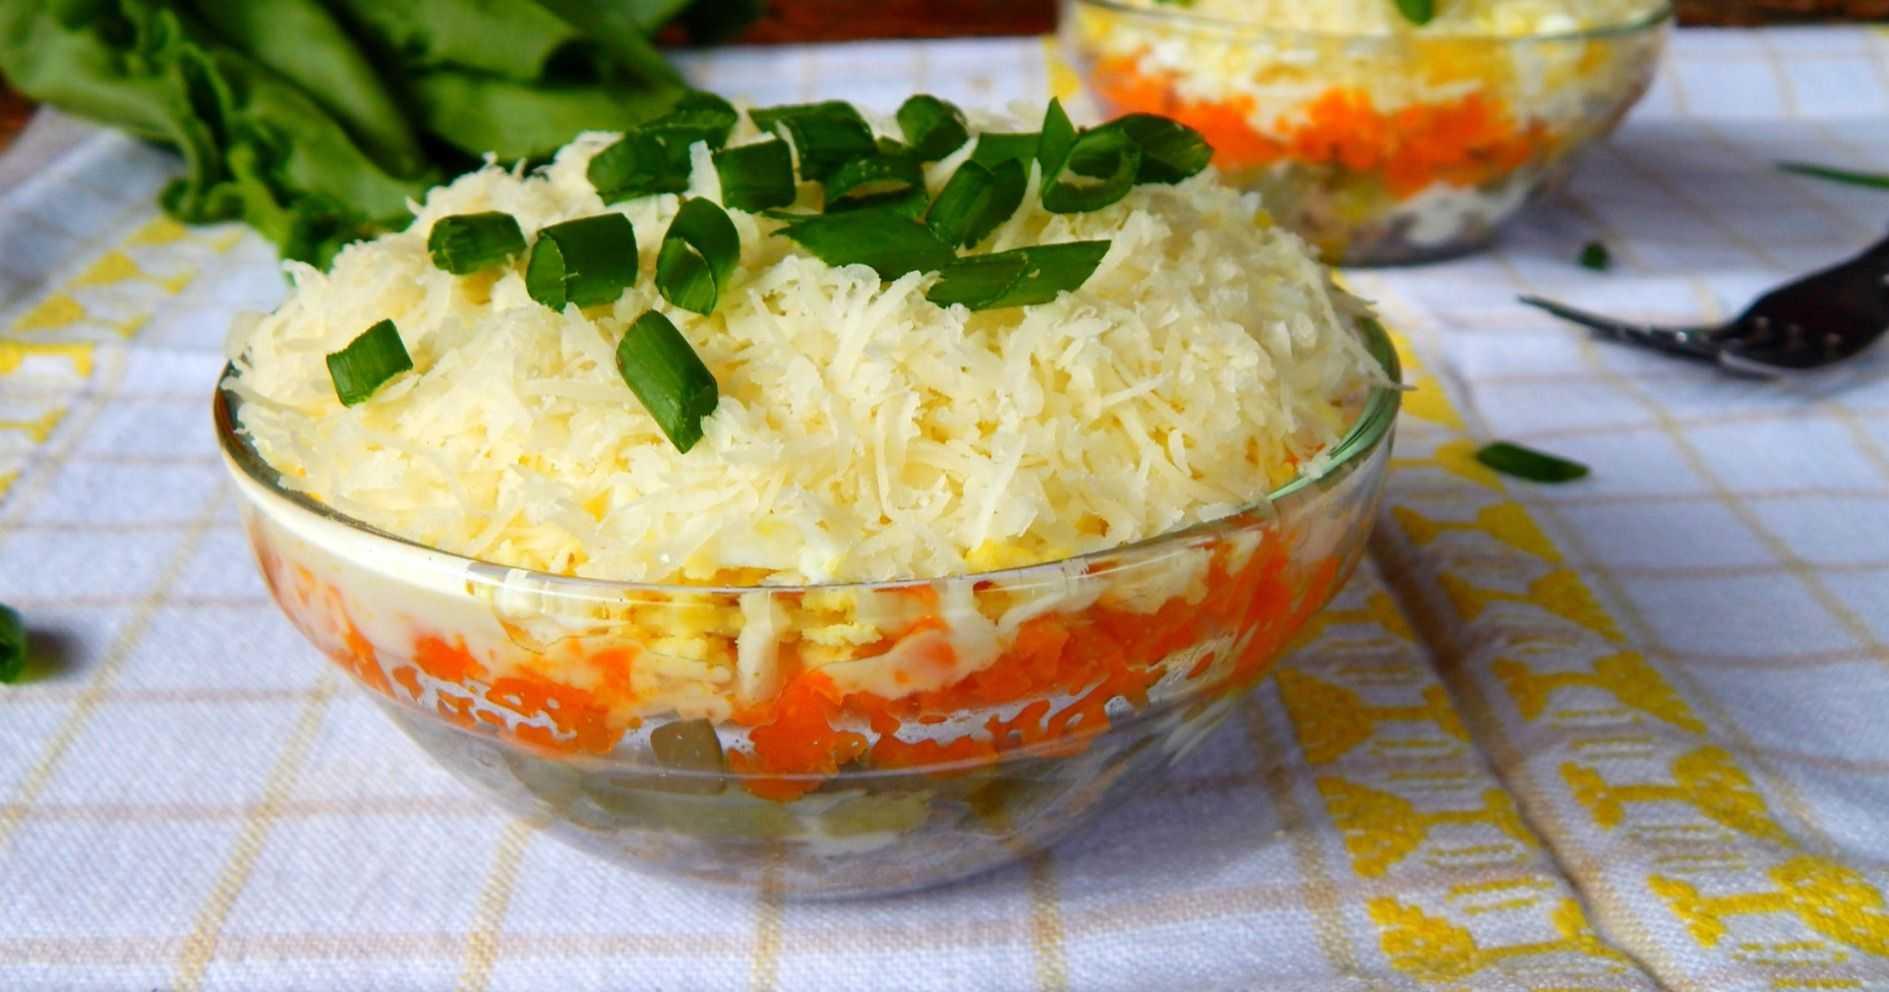 Салат с куриной печенью и солеными огурцами - 2 вкусных рецепта